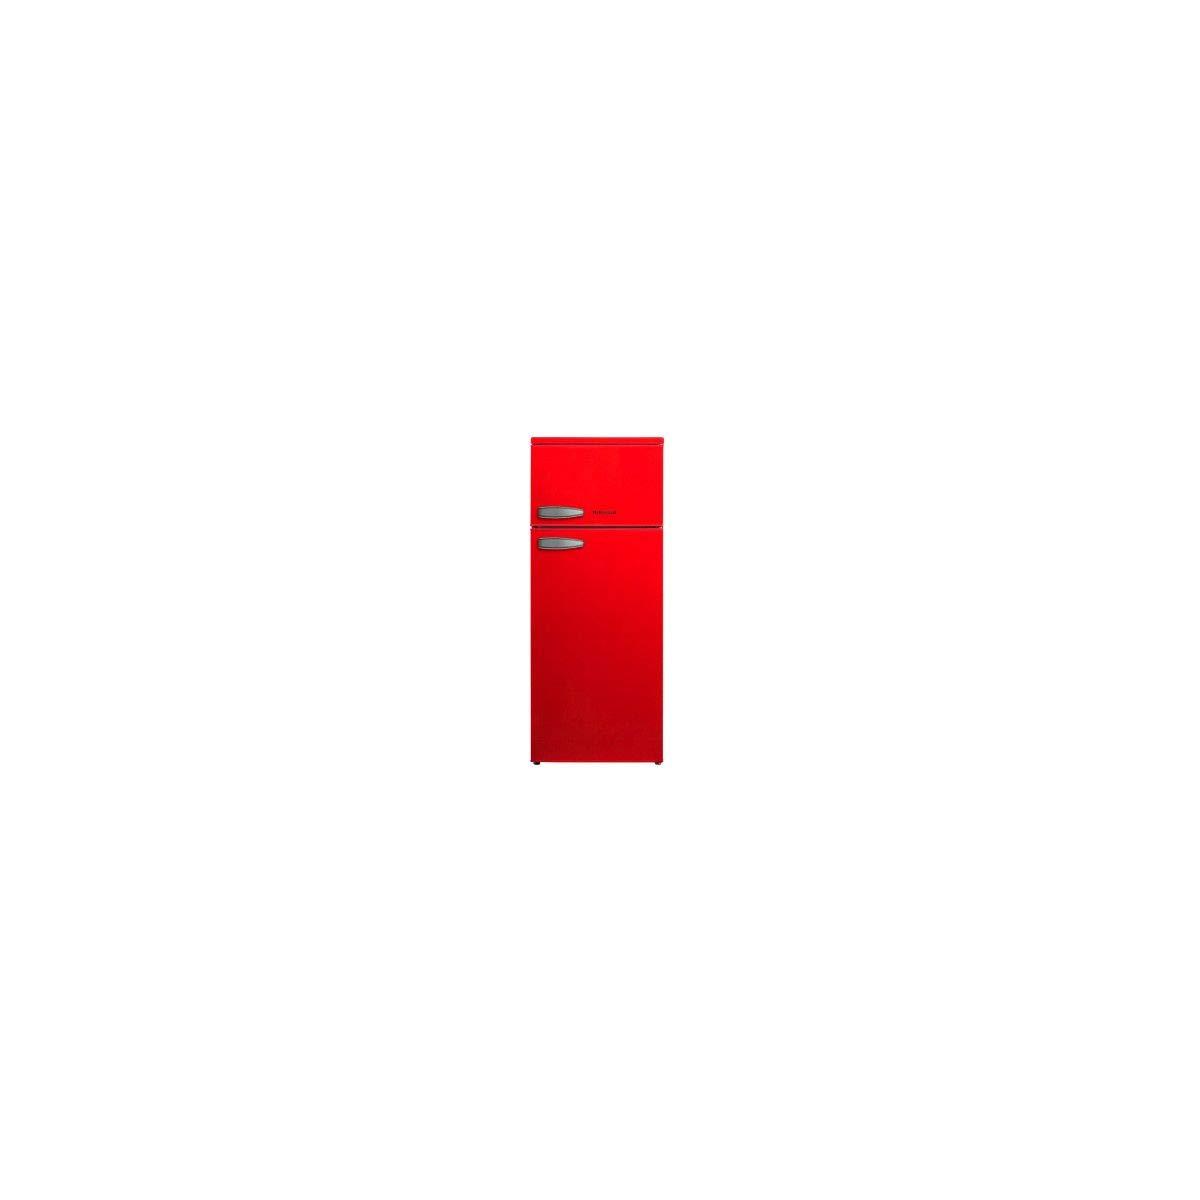 Frigorífico 2 puertas Telefunken TFKVIN2D213R - 213L - FROID ...